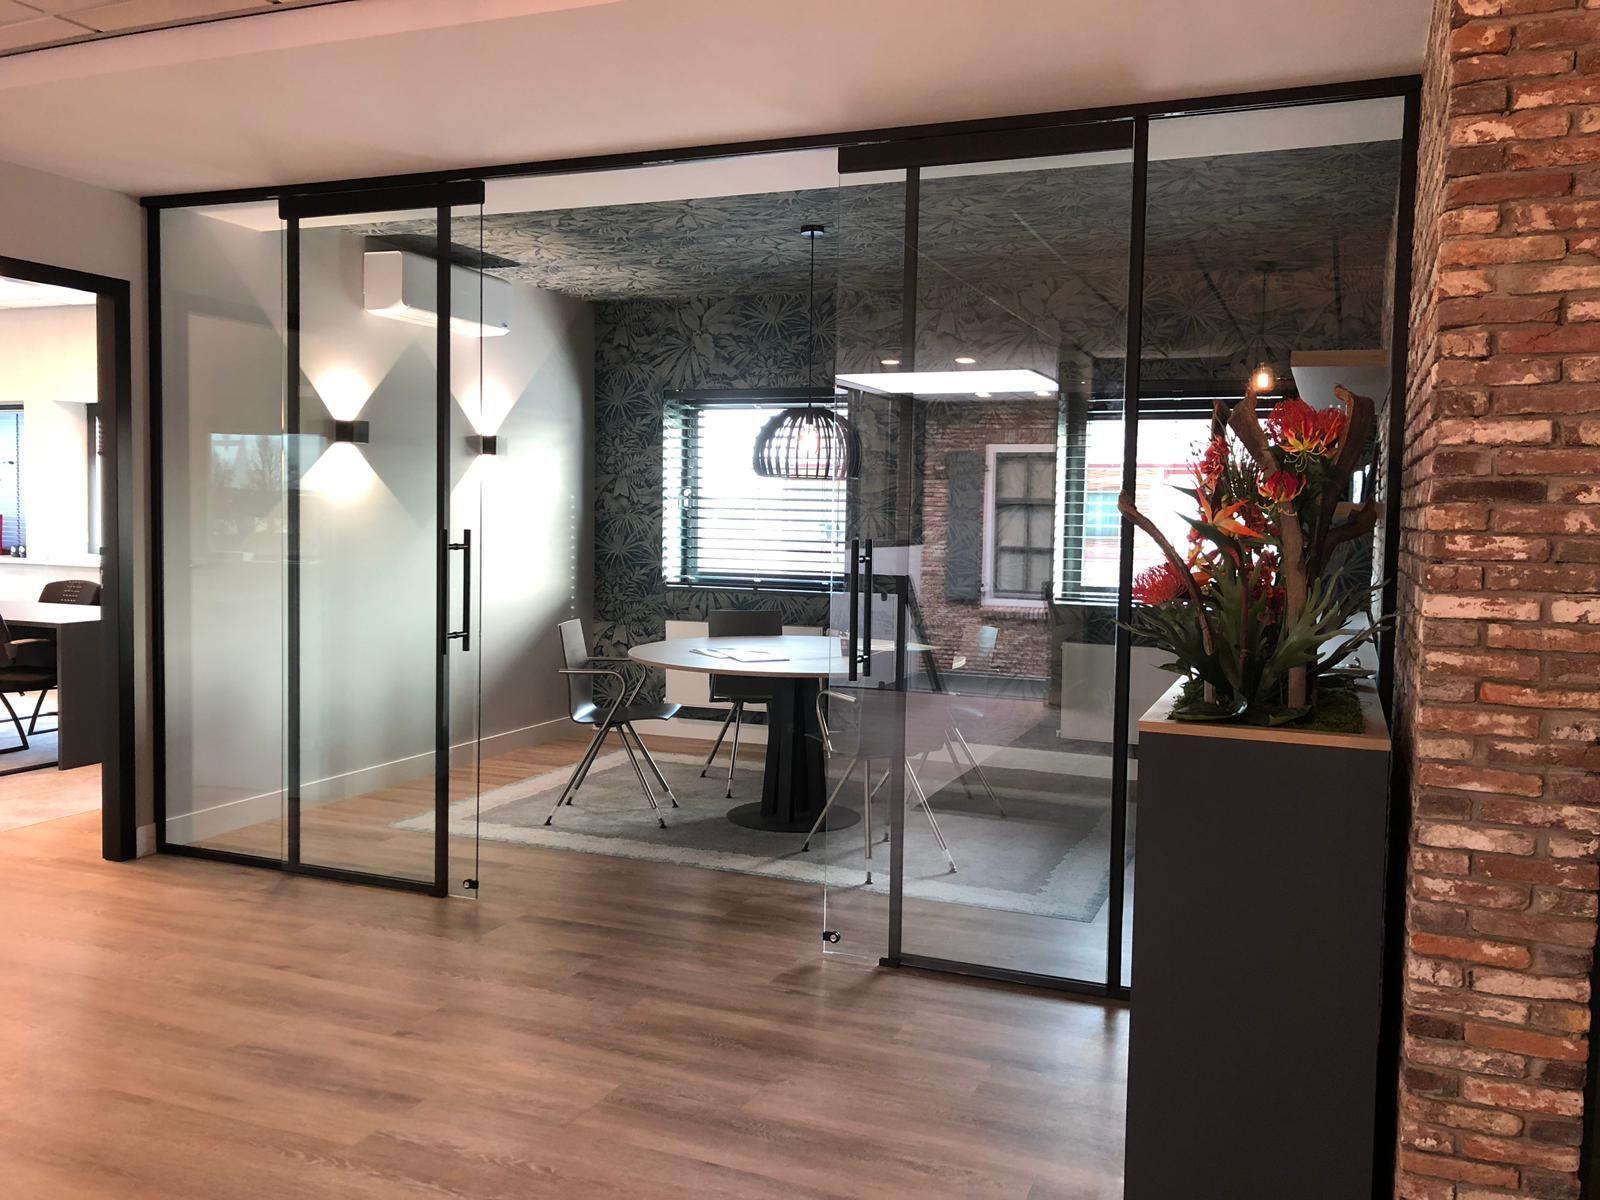 Glaswand met schuifdeuren in aluminium kader in steellook